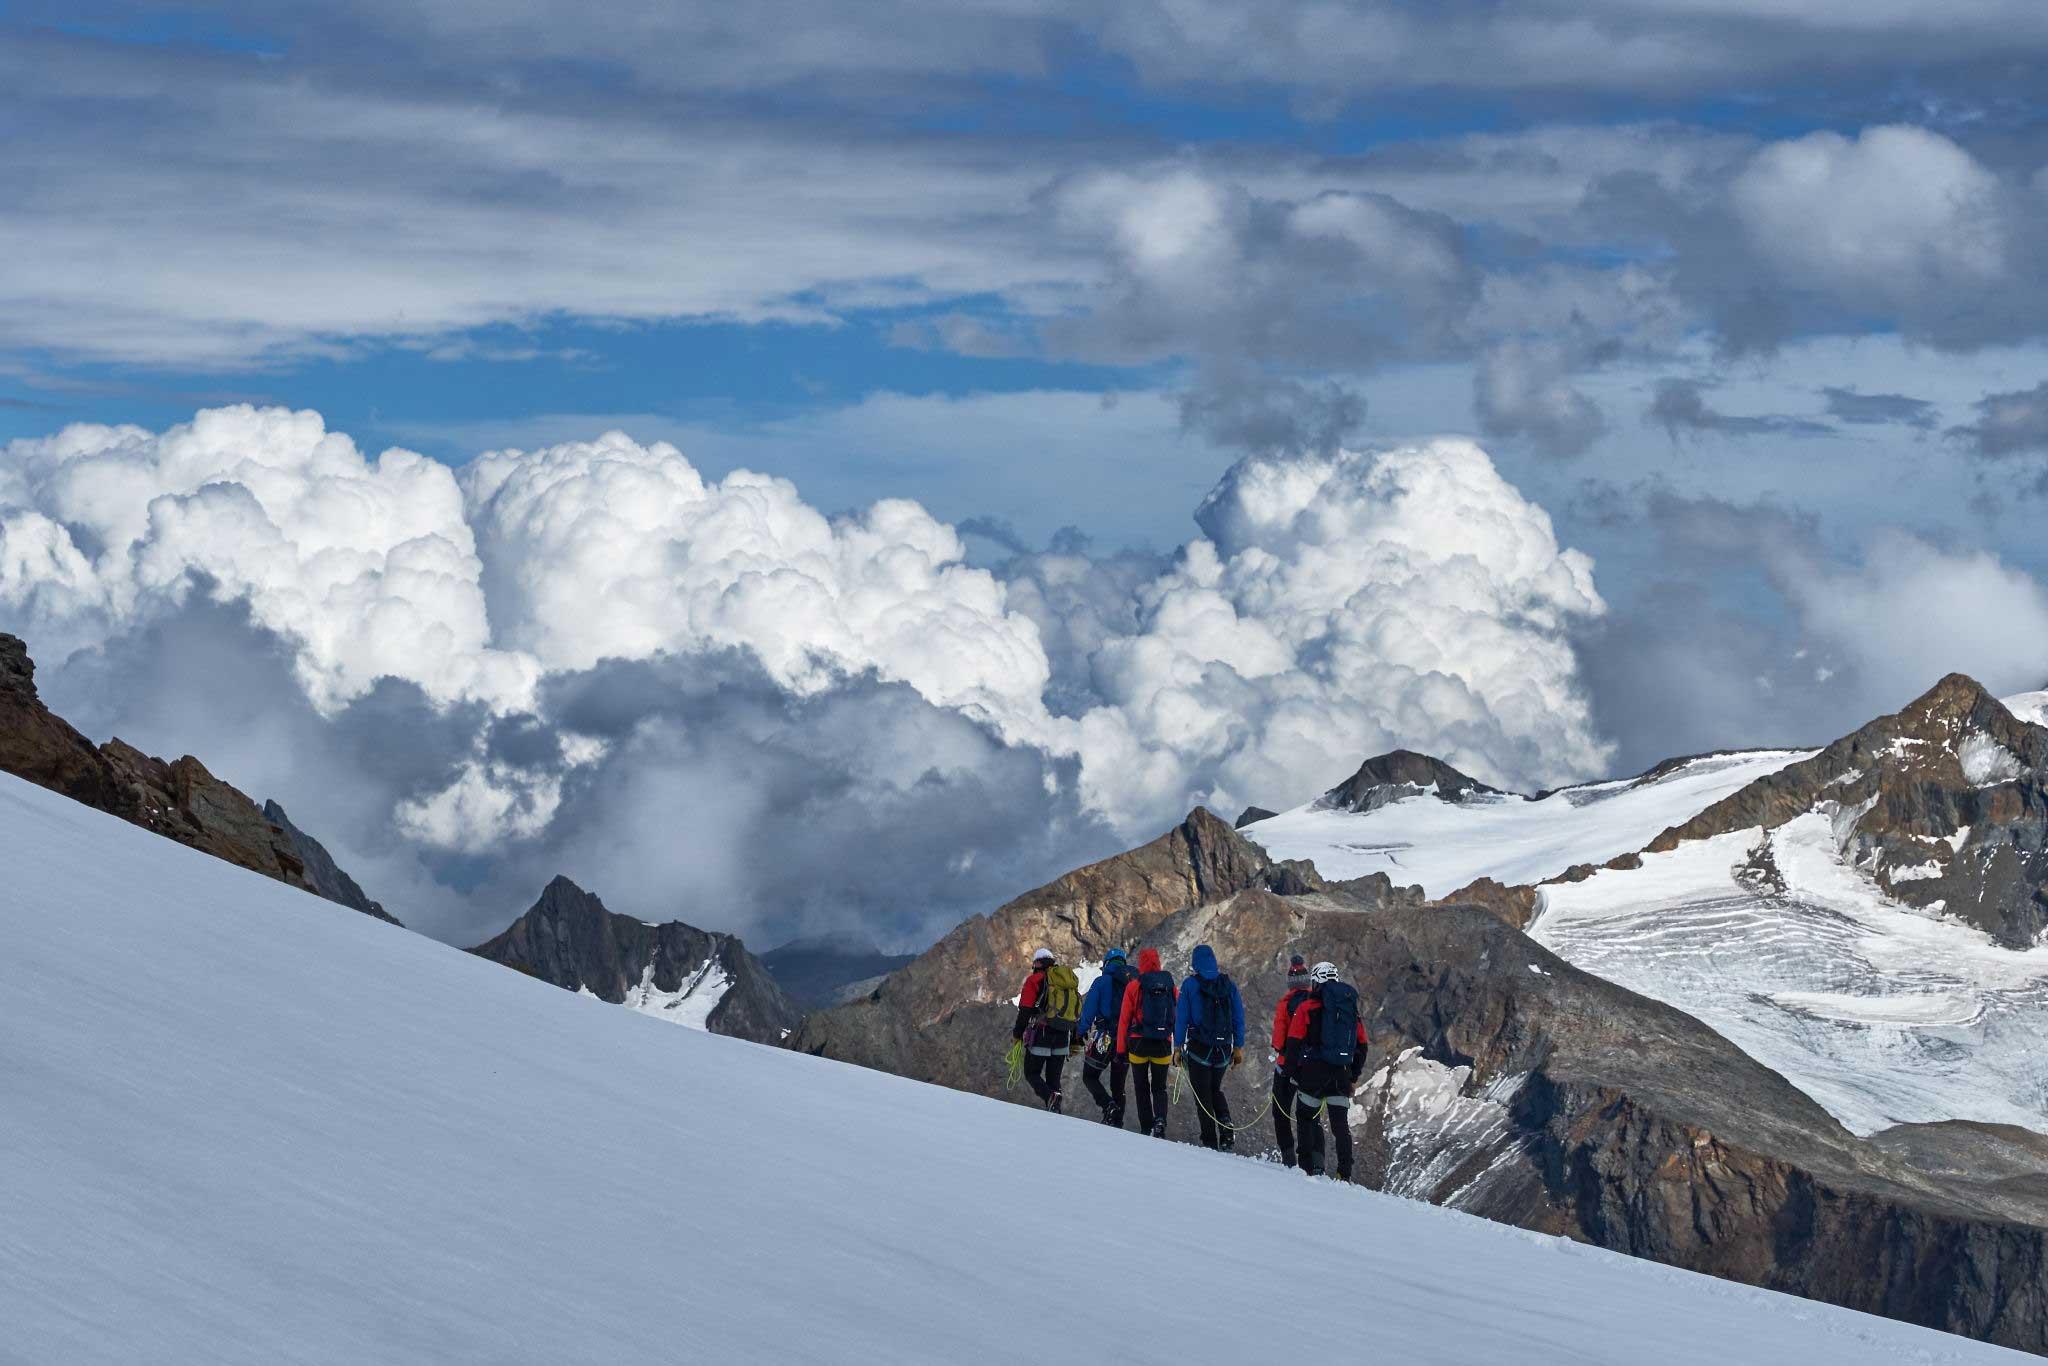 Teilnehmer vor Wolkenkulisse - Salewa GET Vertical Obergurgl-Hochgurgl